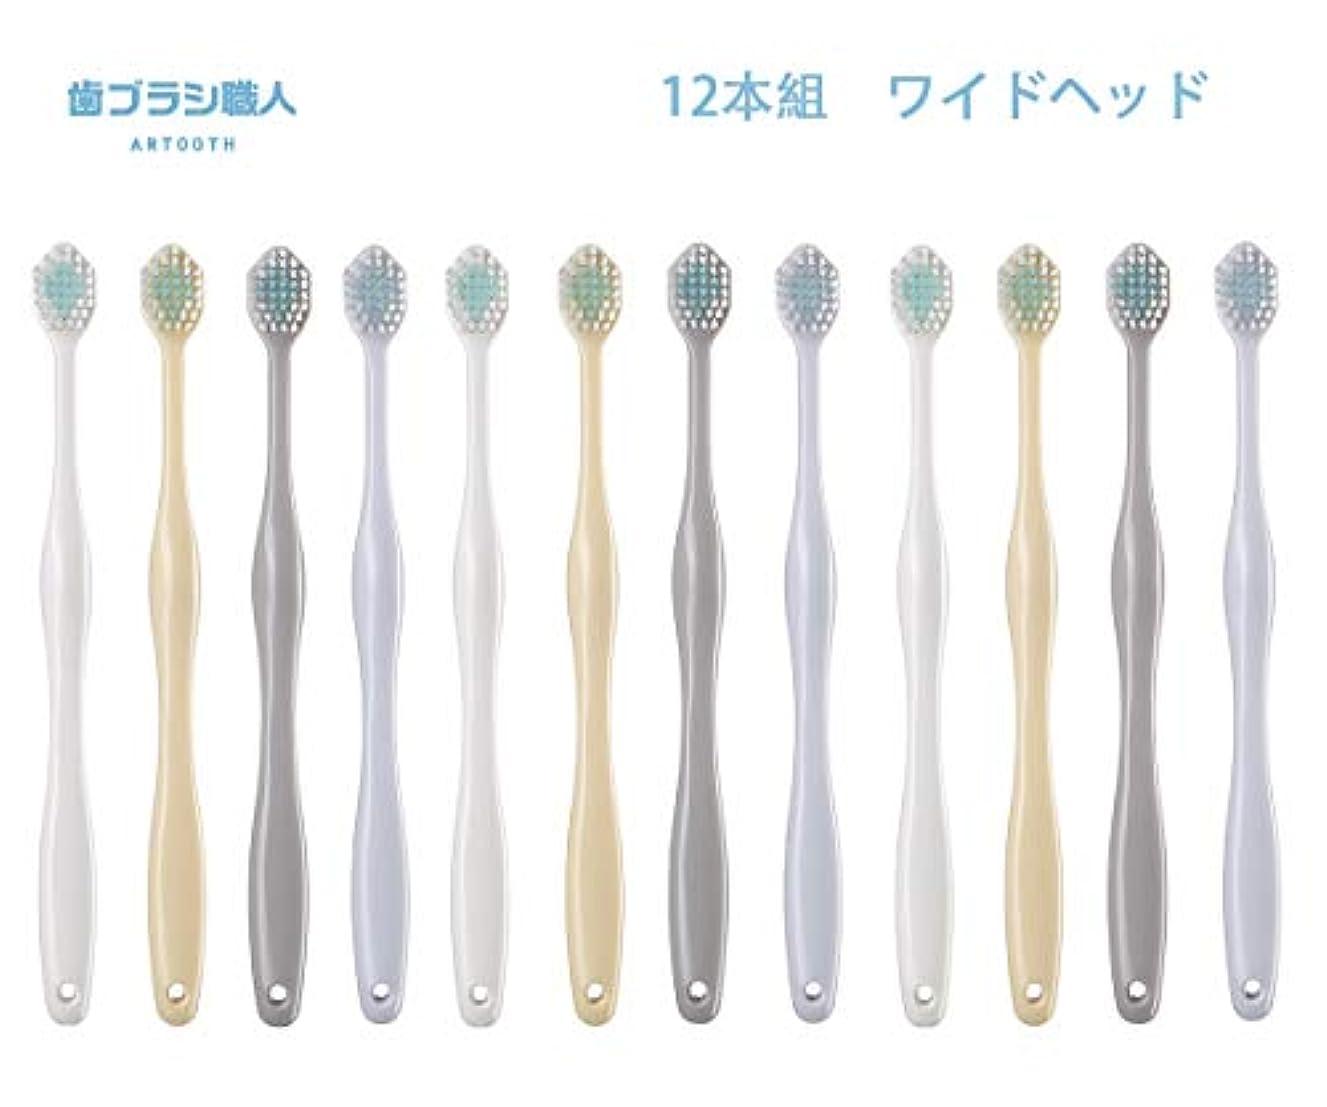 一口暗くする相対サイズ歯ブラシ職人Artooth ® 田辺重吉 磨きやすい歯ブラシ ワイド 6列レギュラー AT-30 (12本組)